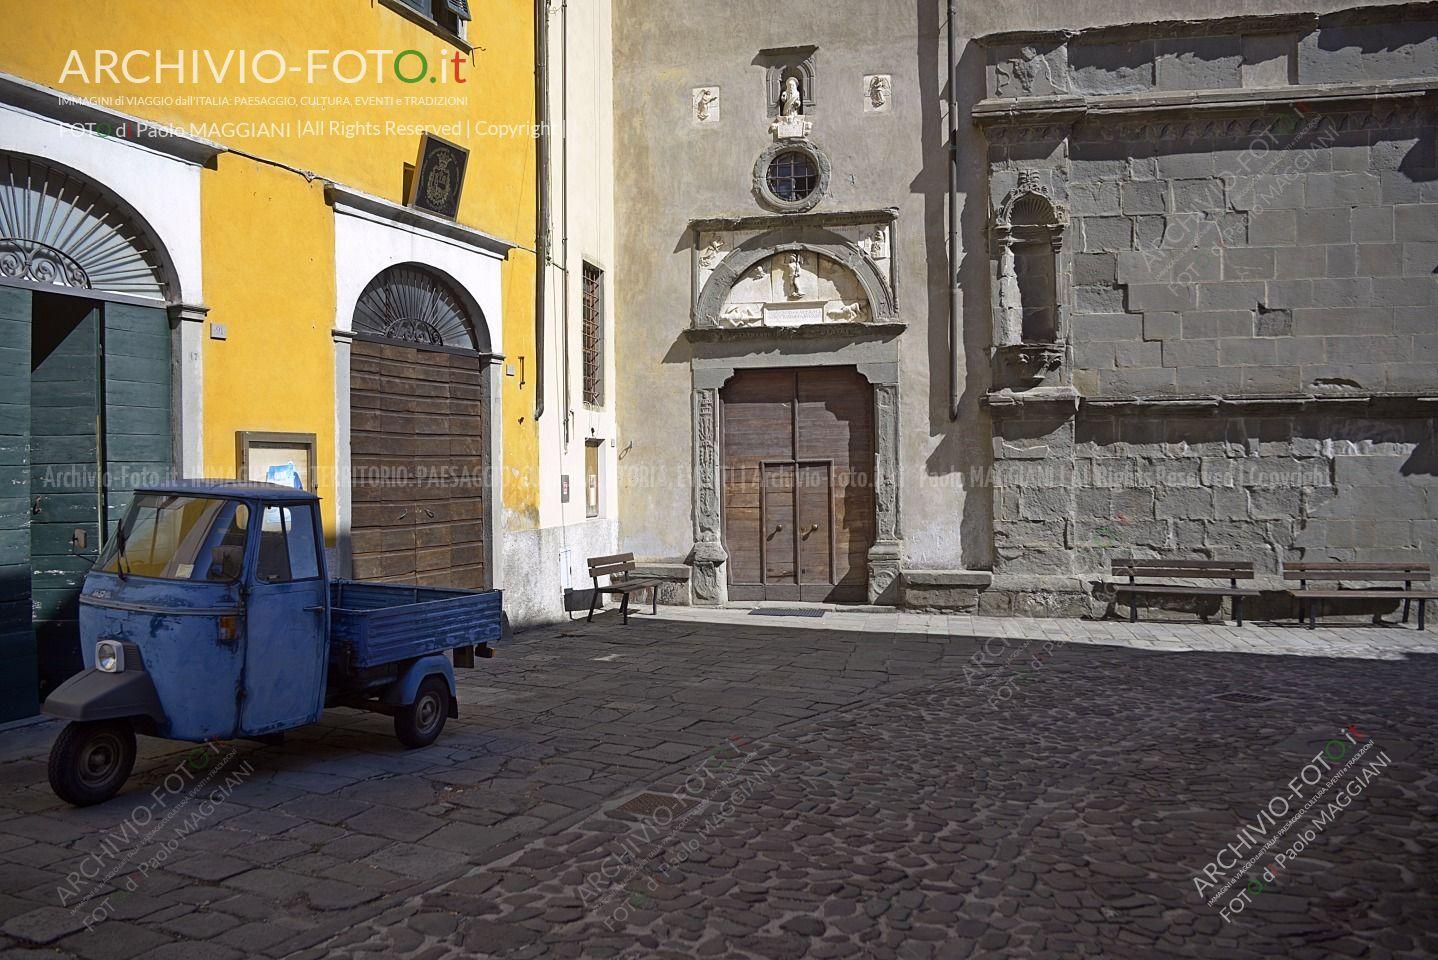 Pontremoli_Chiesa-della-SS-Annunziata_147ND61018P_MAG6870-PS